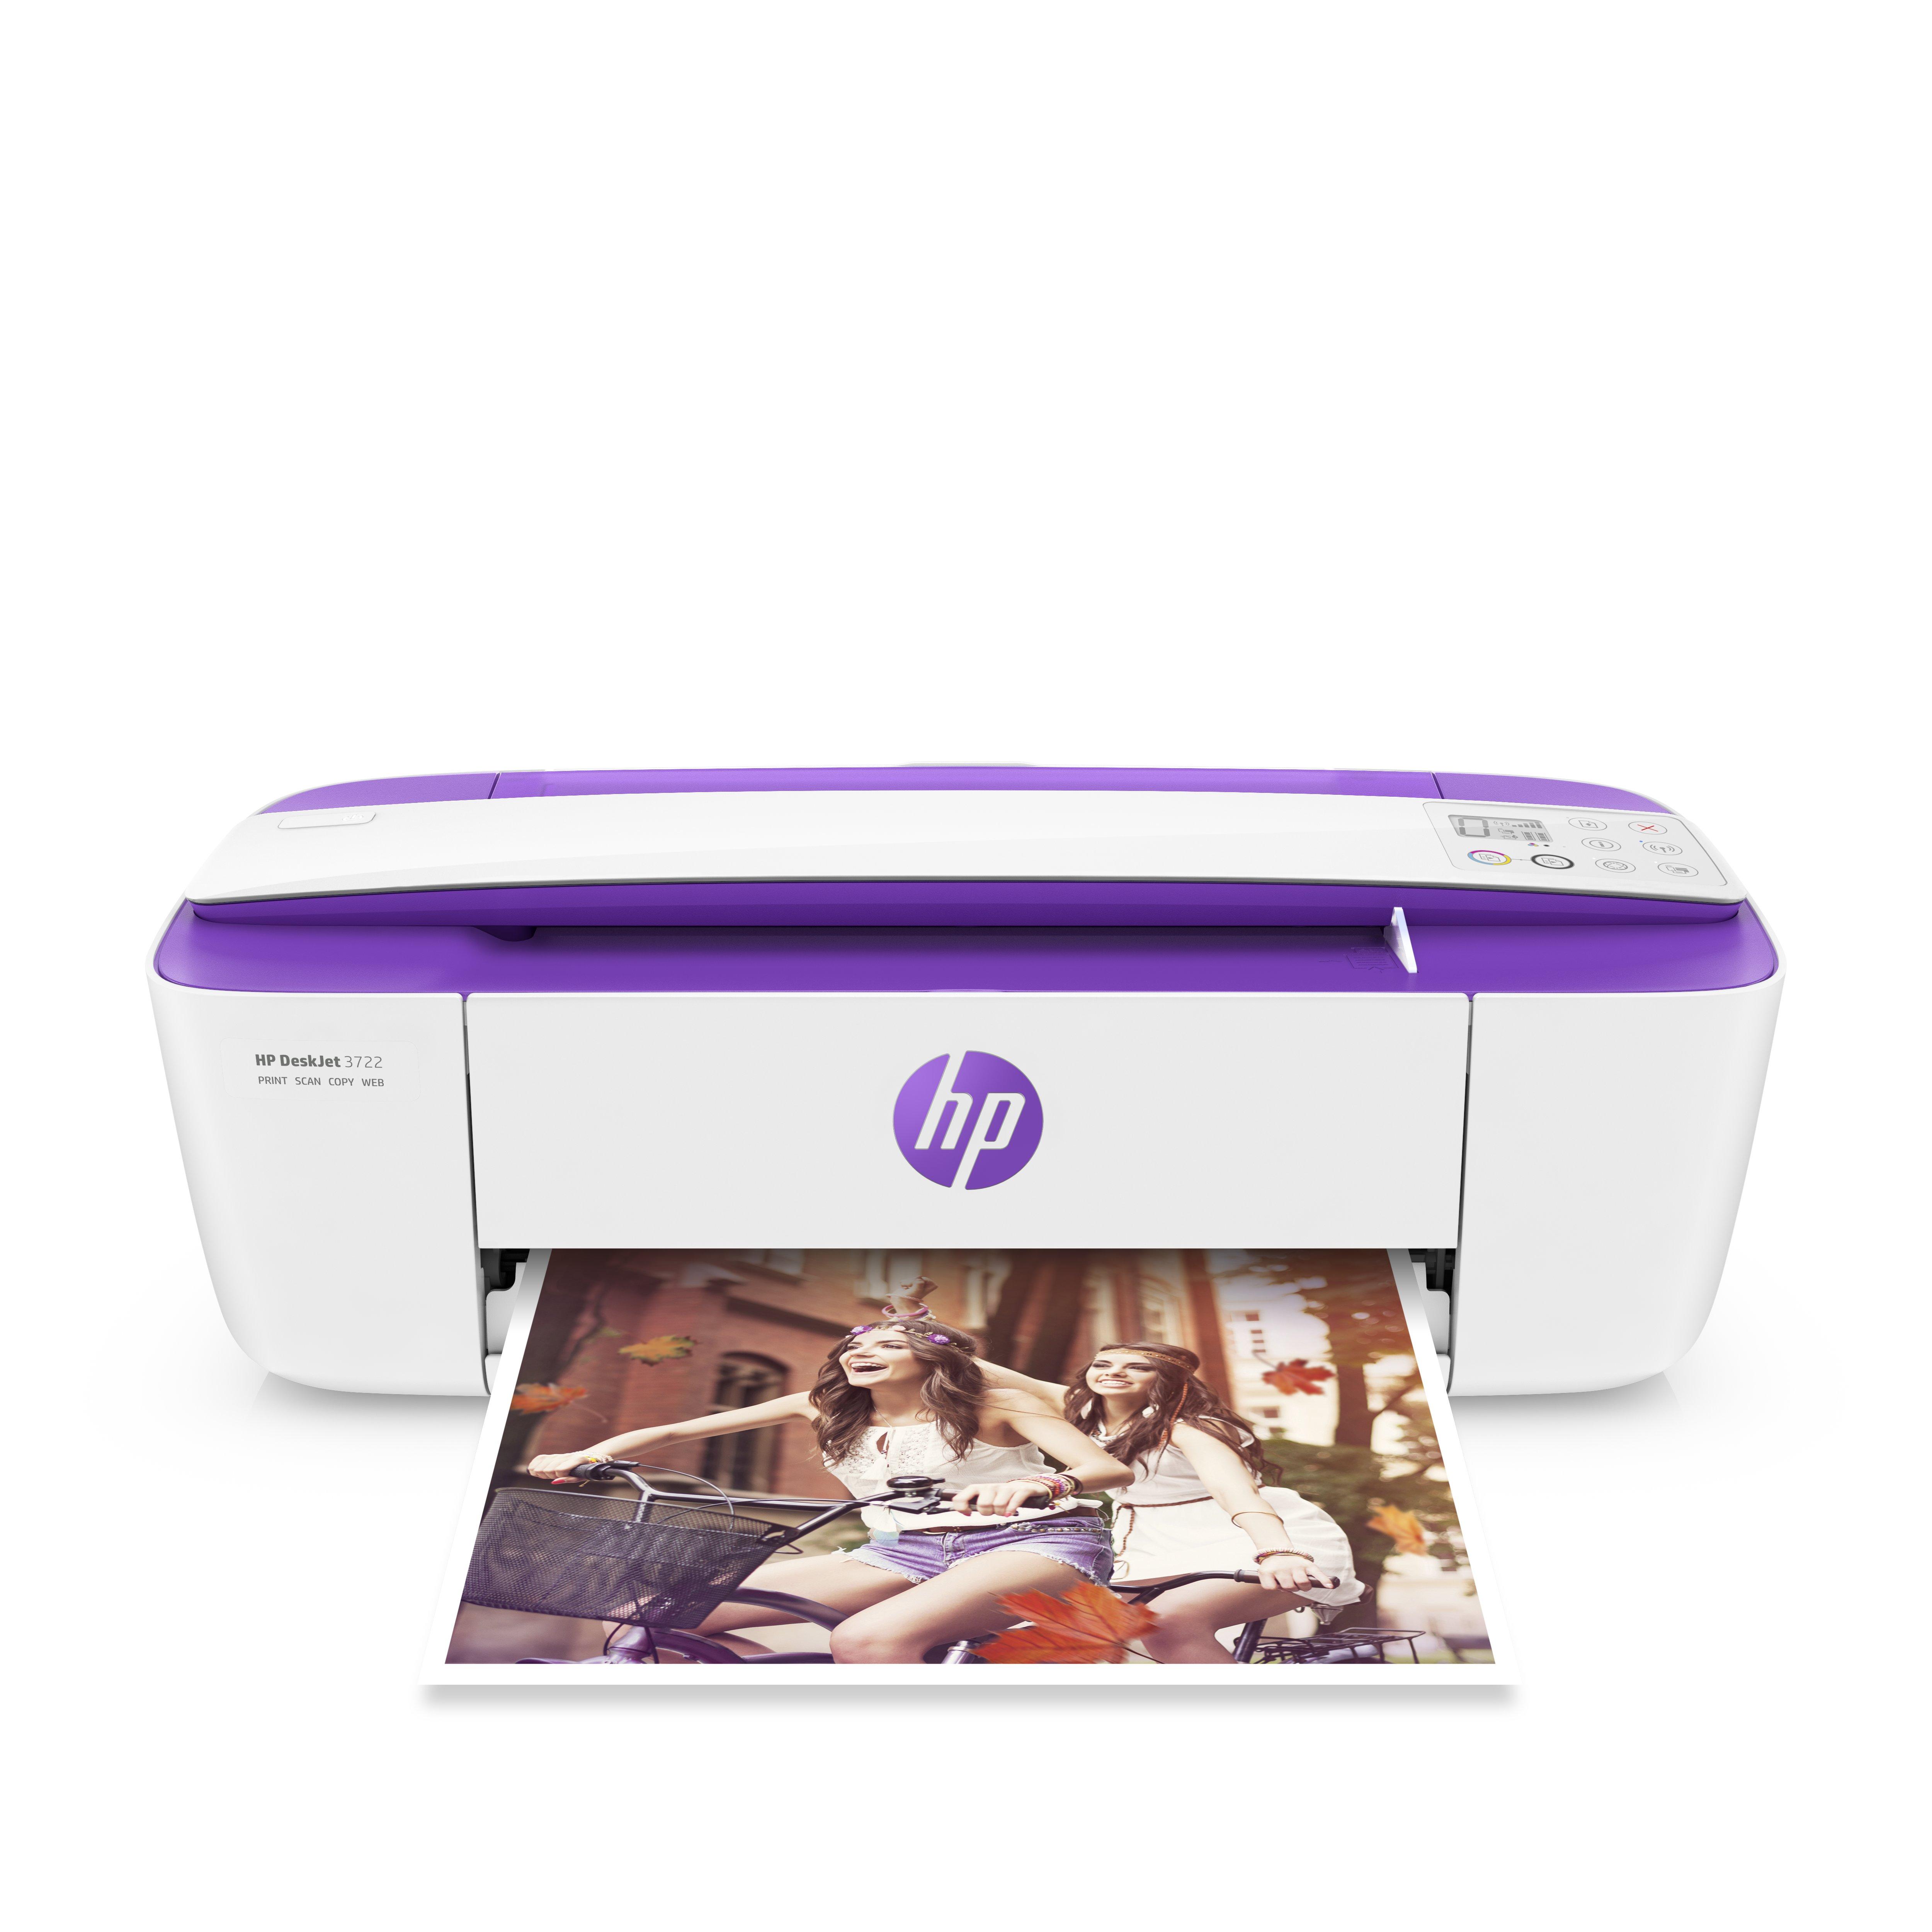 HP DeskJet 3722 All-in-One Printer Purple